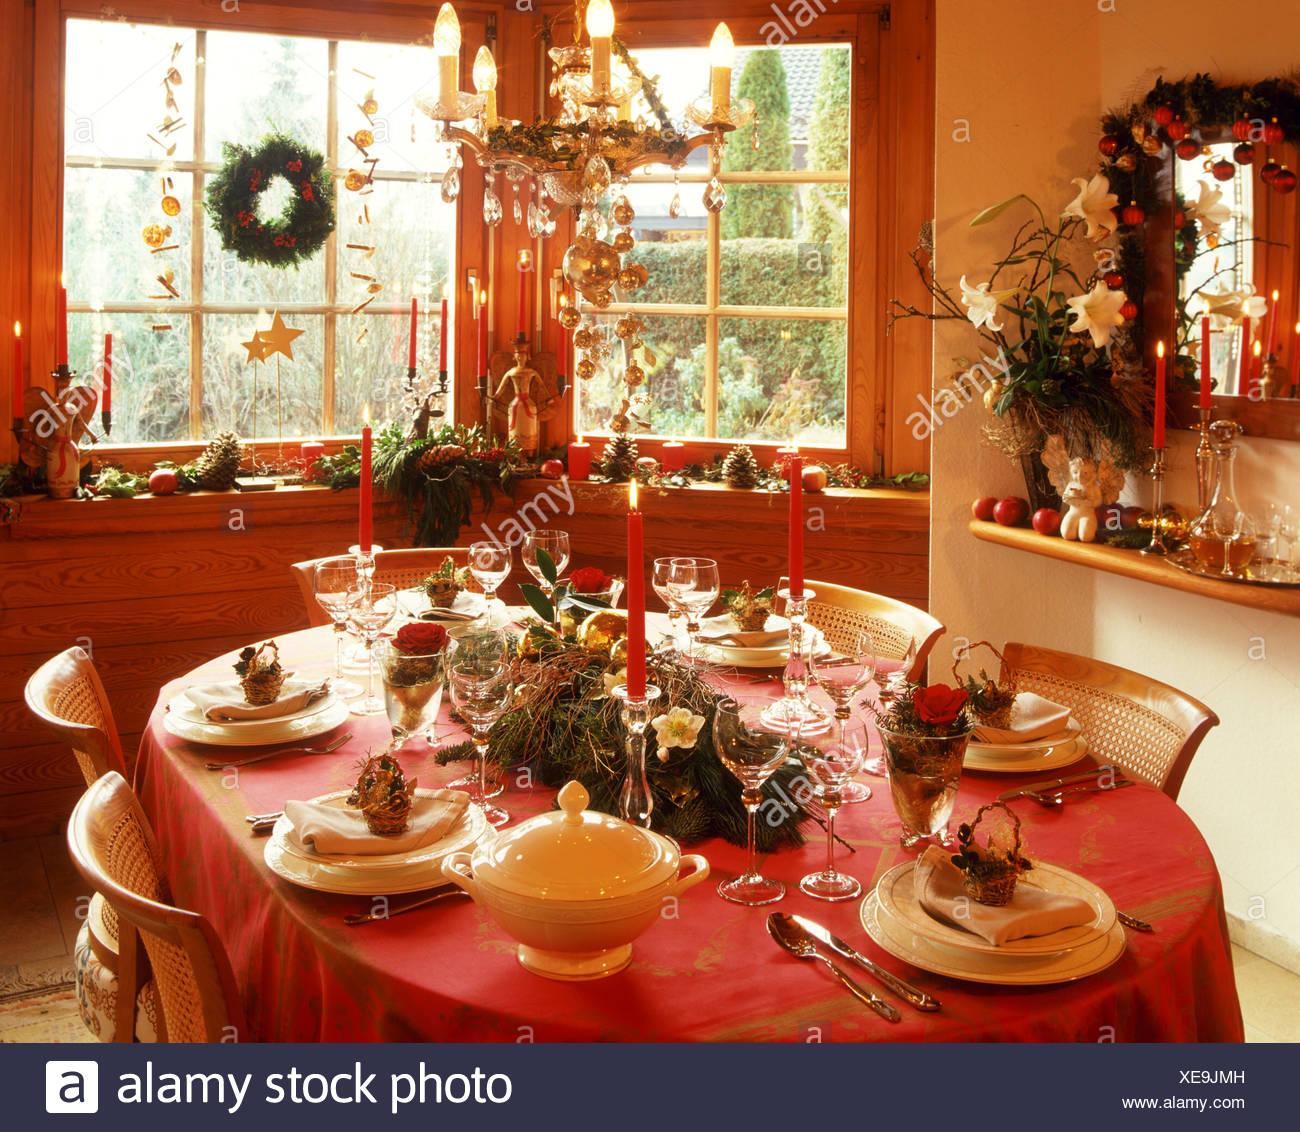 weihnachts tisch mit kerzen und blumen arrangement stockfoto bild 284183329 alamy. Black Bedroom Furniture Sets. Home Design Ideas